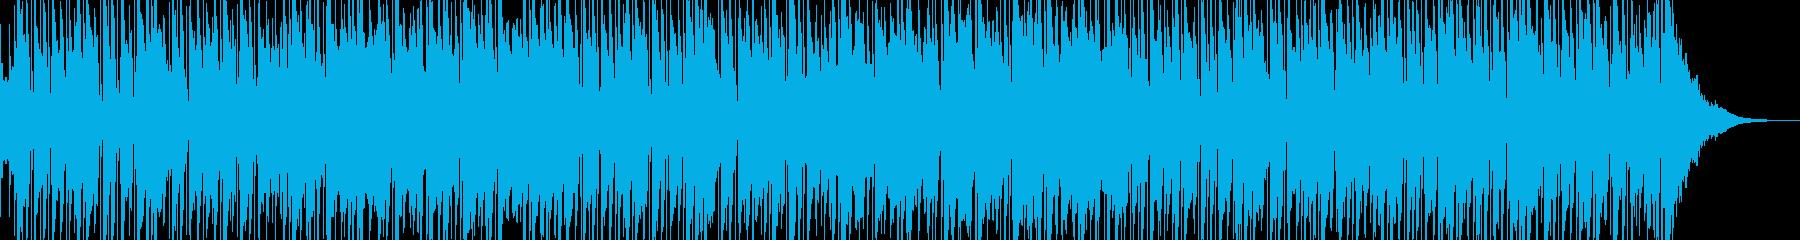 ほのぼのハワイアン。ウクレレやドブロの再生済みの波形